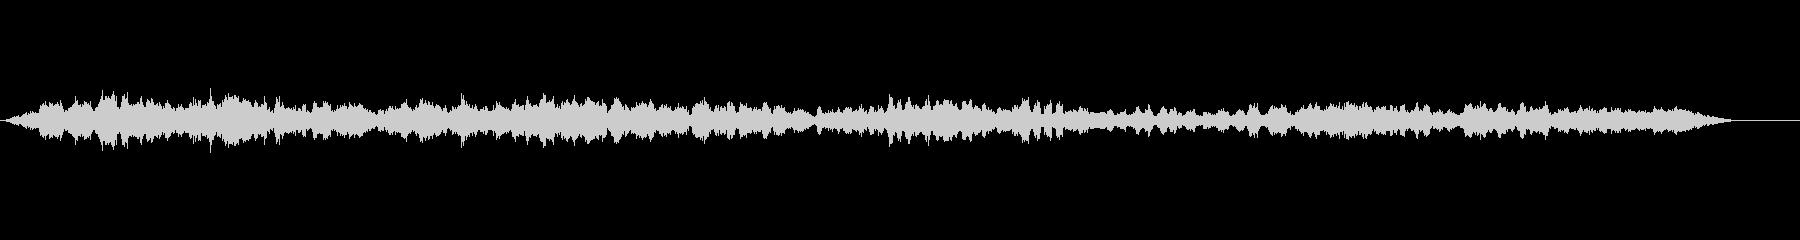 ユリカモメ-LARUS RIDIB...の未再生の波形